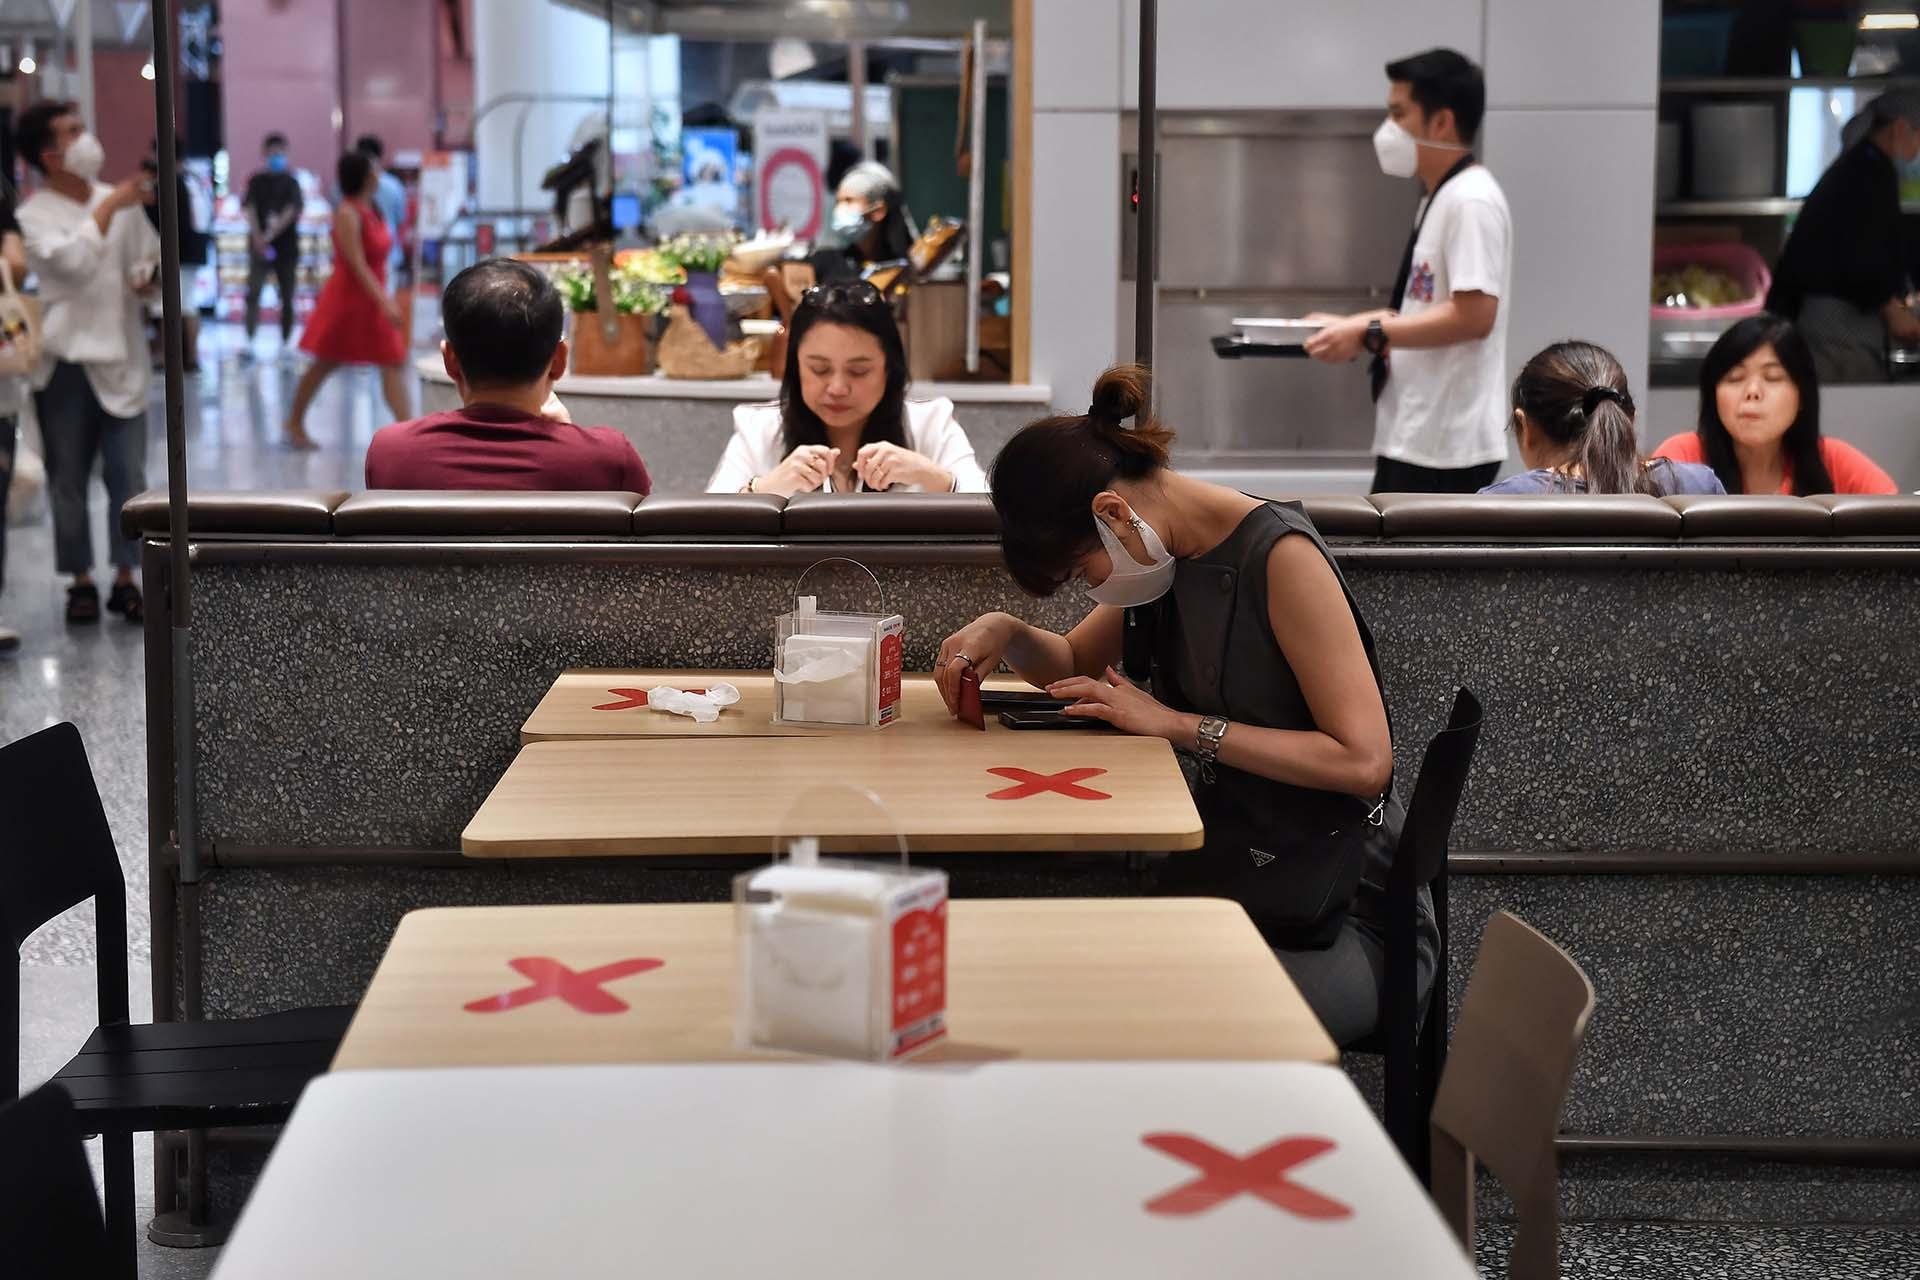 Las cruces señalan los lugares a evitar para mantener la distancia social en el patio de comidas de un centro comercial en Bangkok.